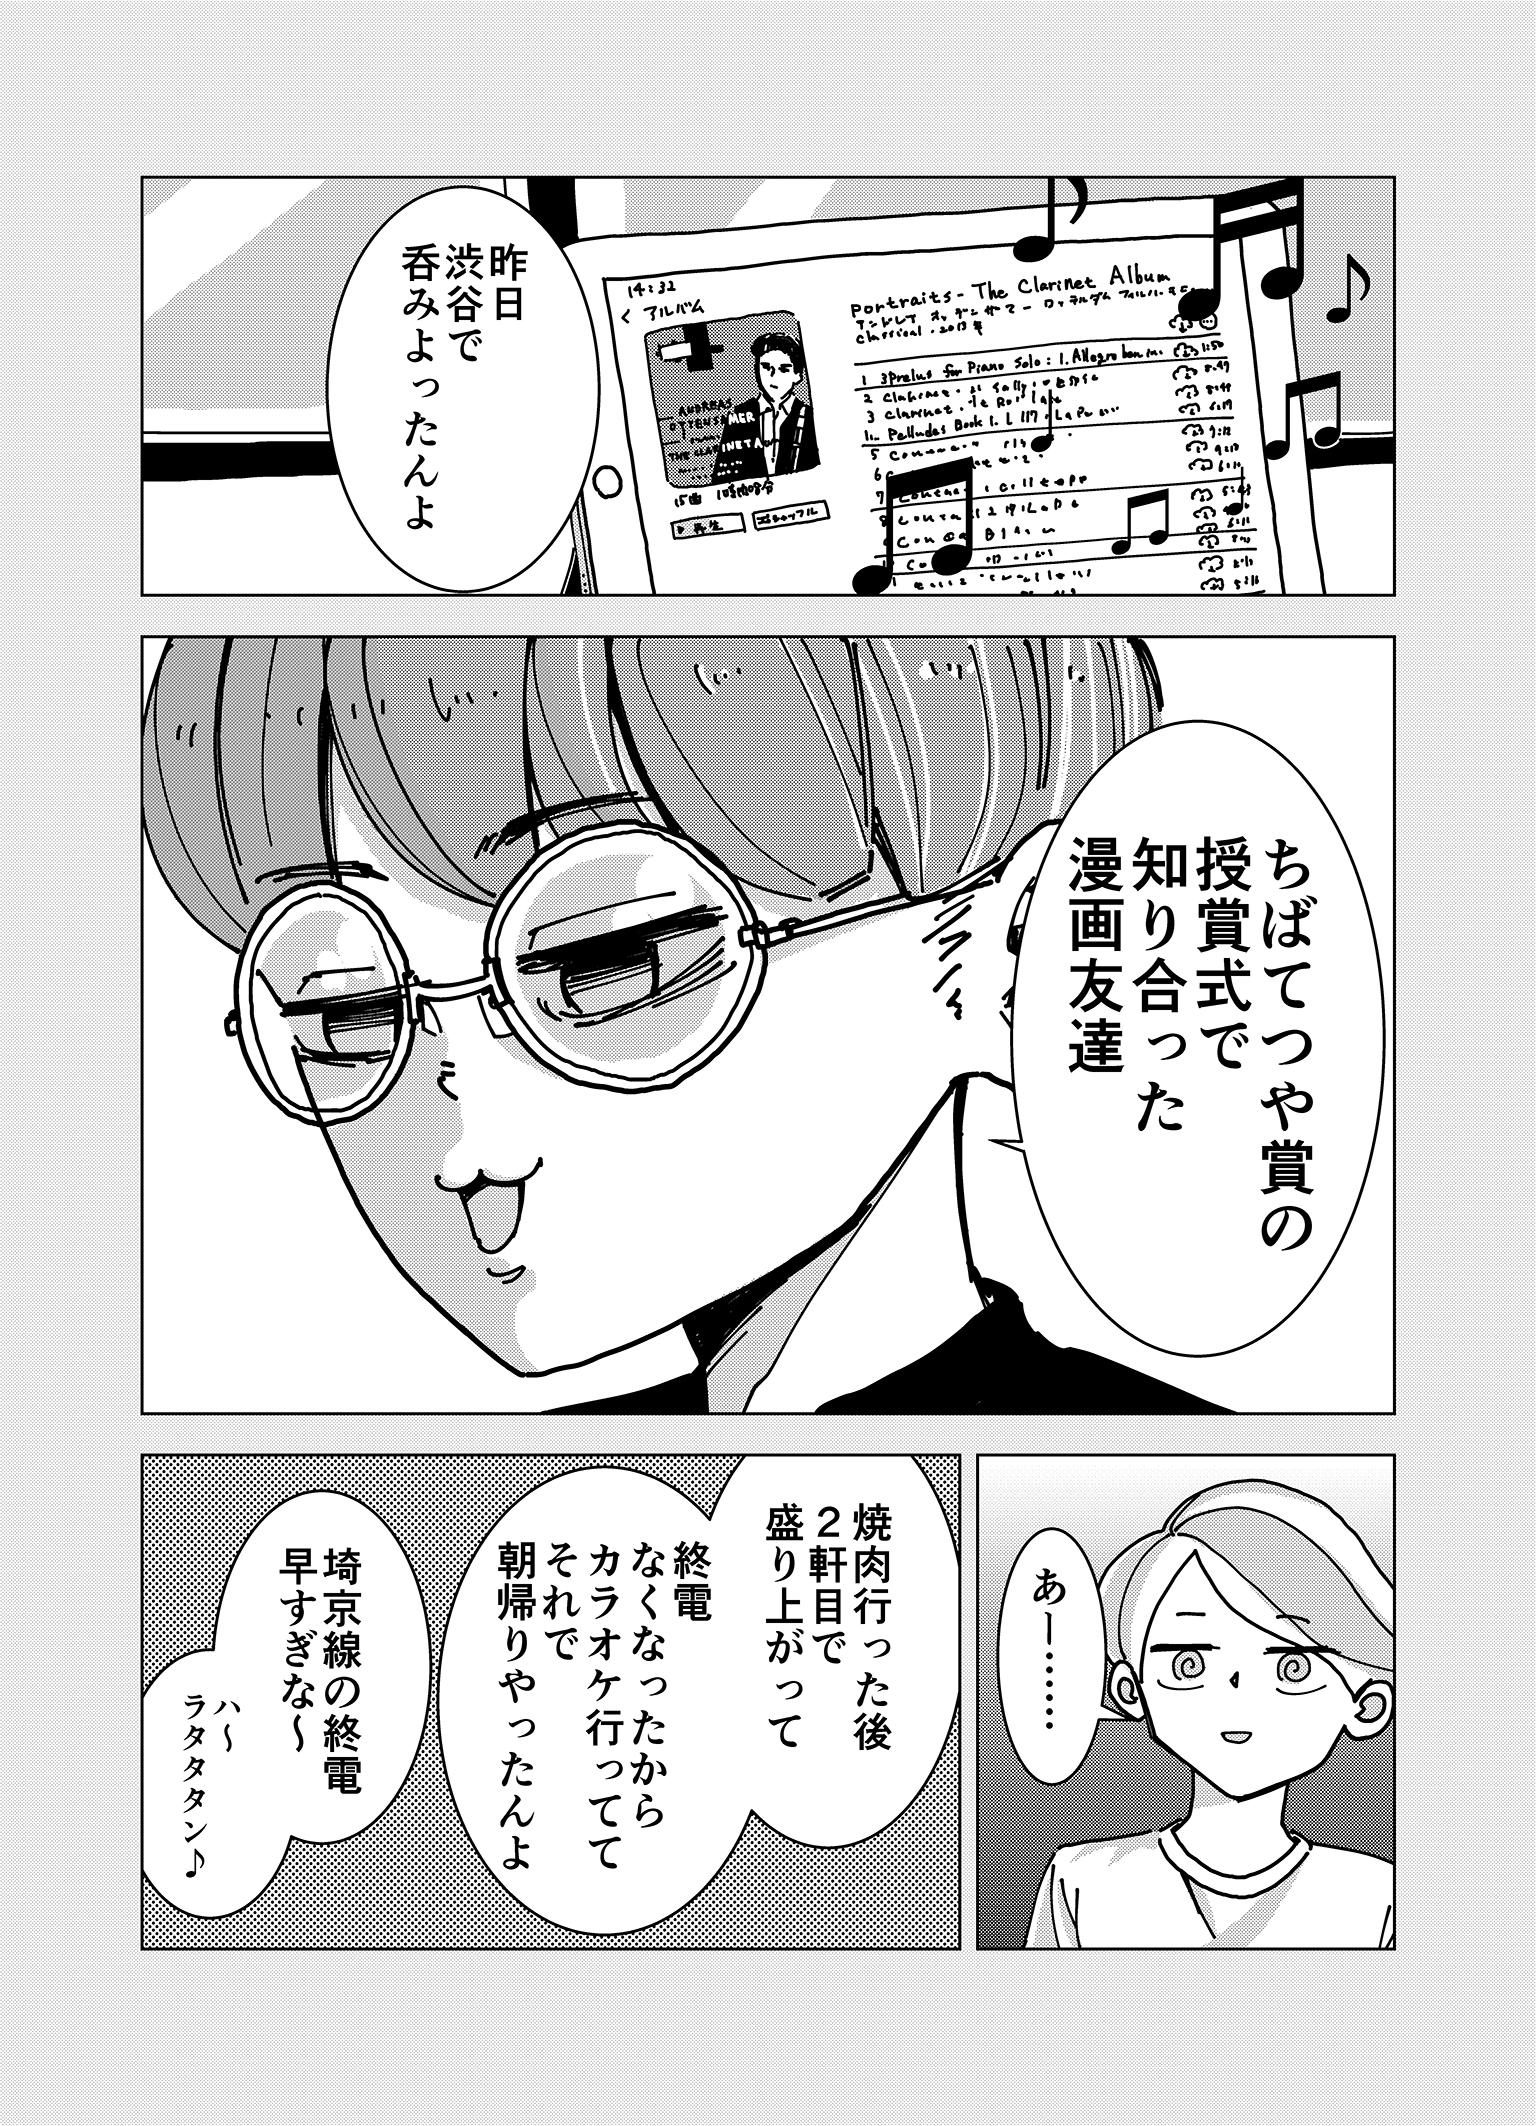 share04_006